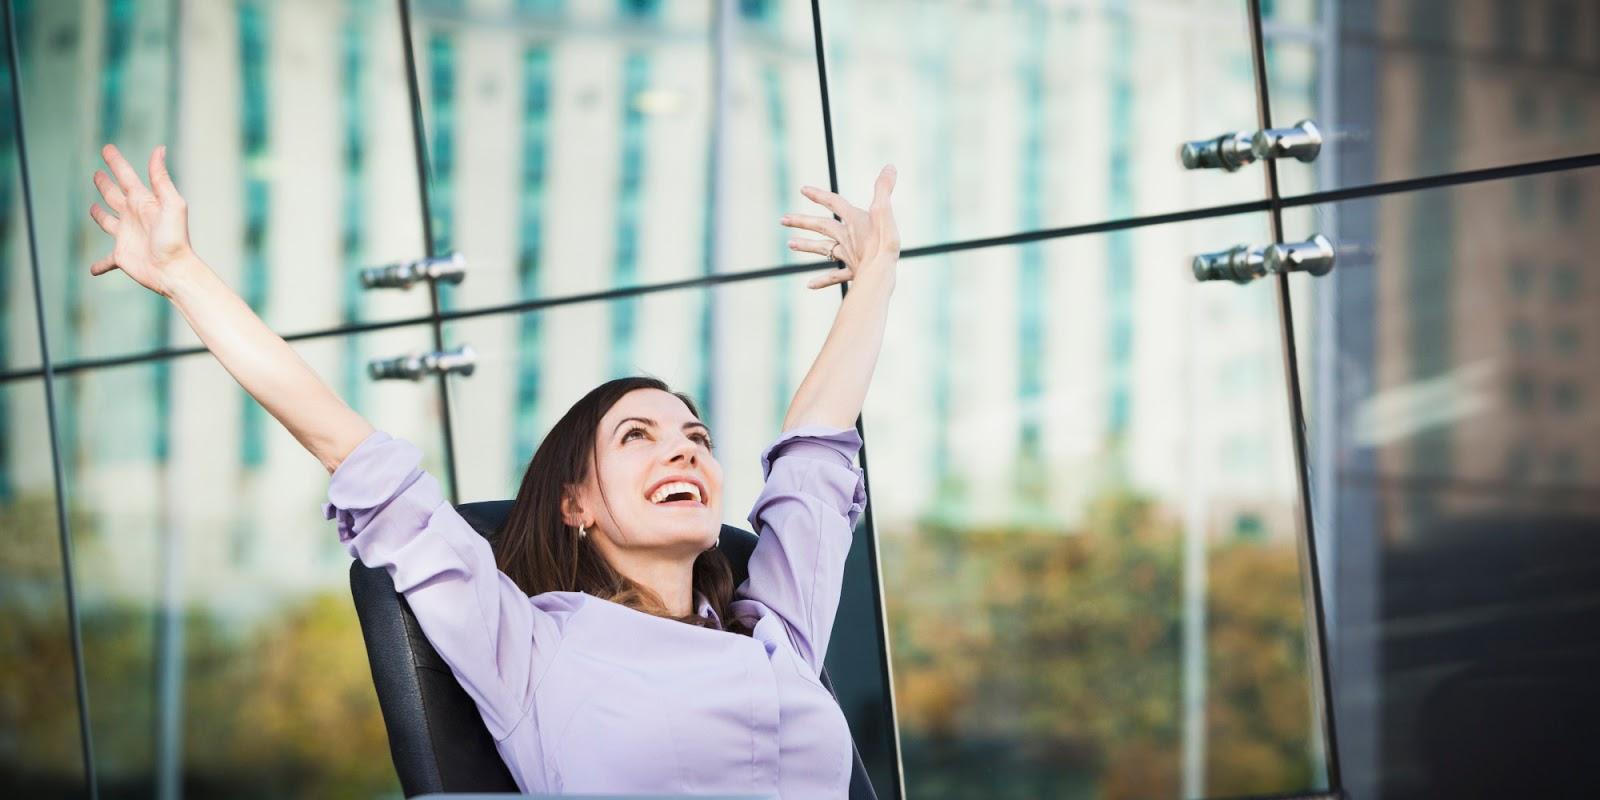 Resultado de imagen para persona feliz en el trabajo + ergonomia